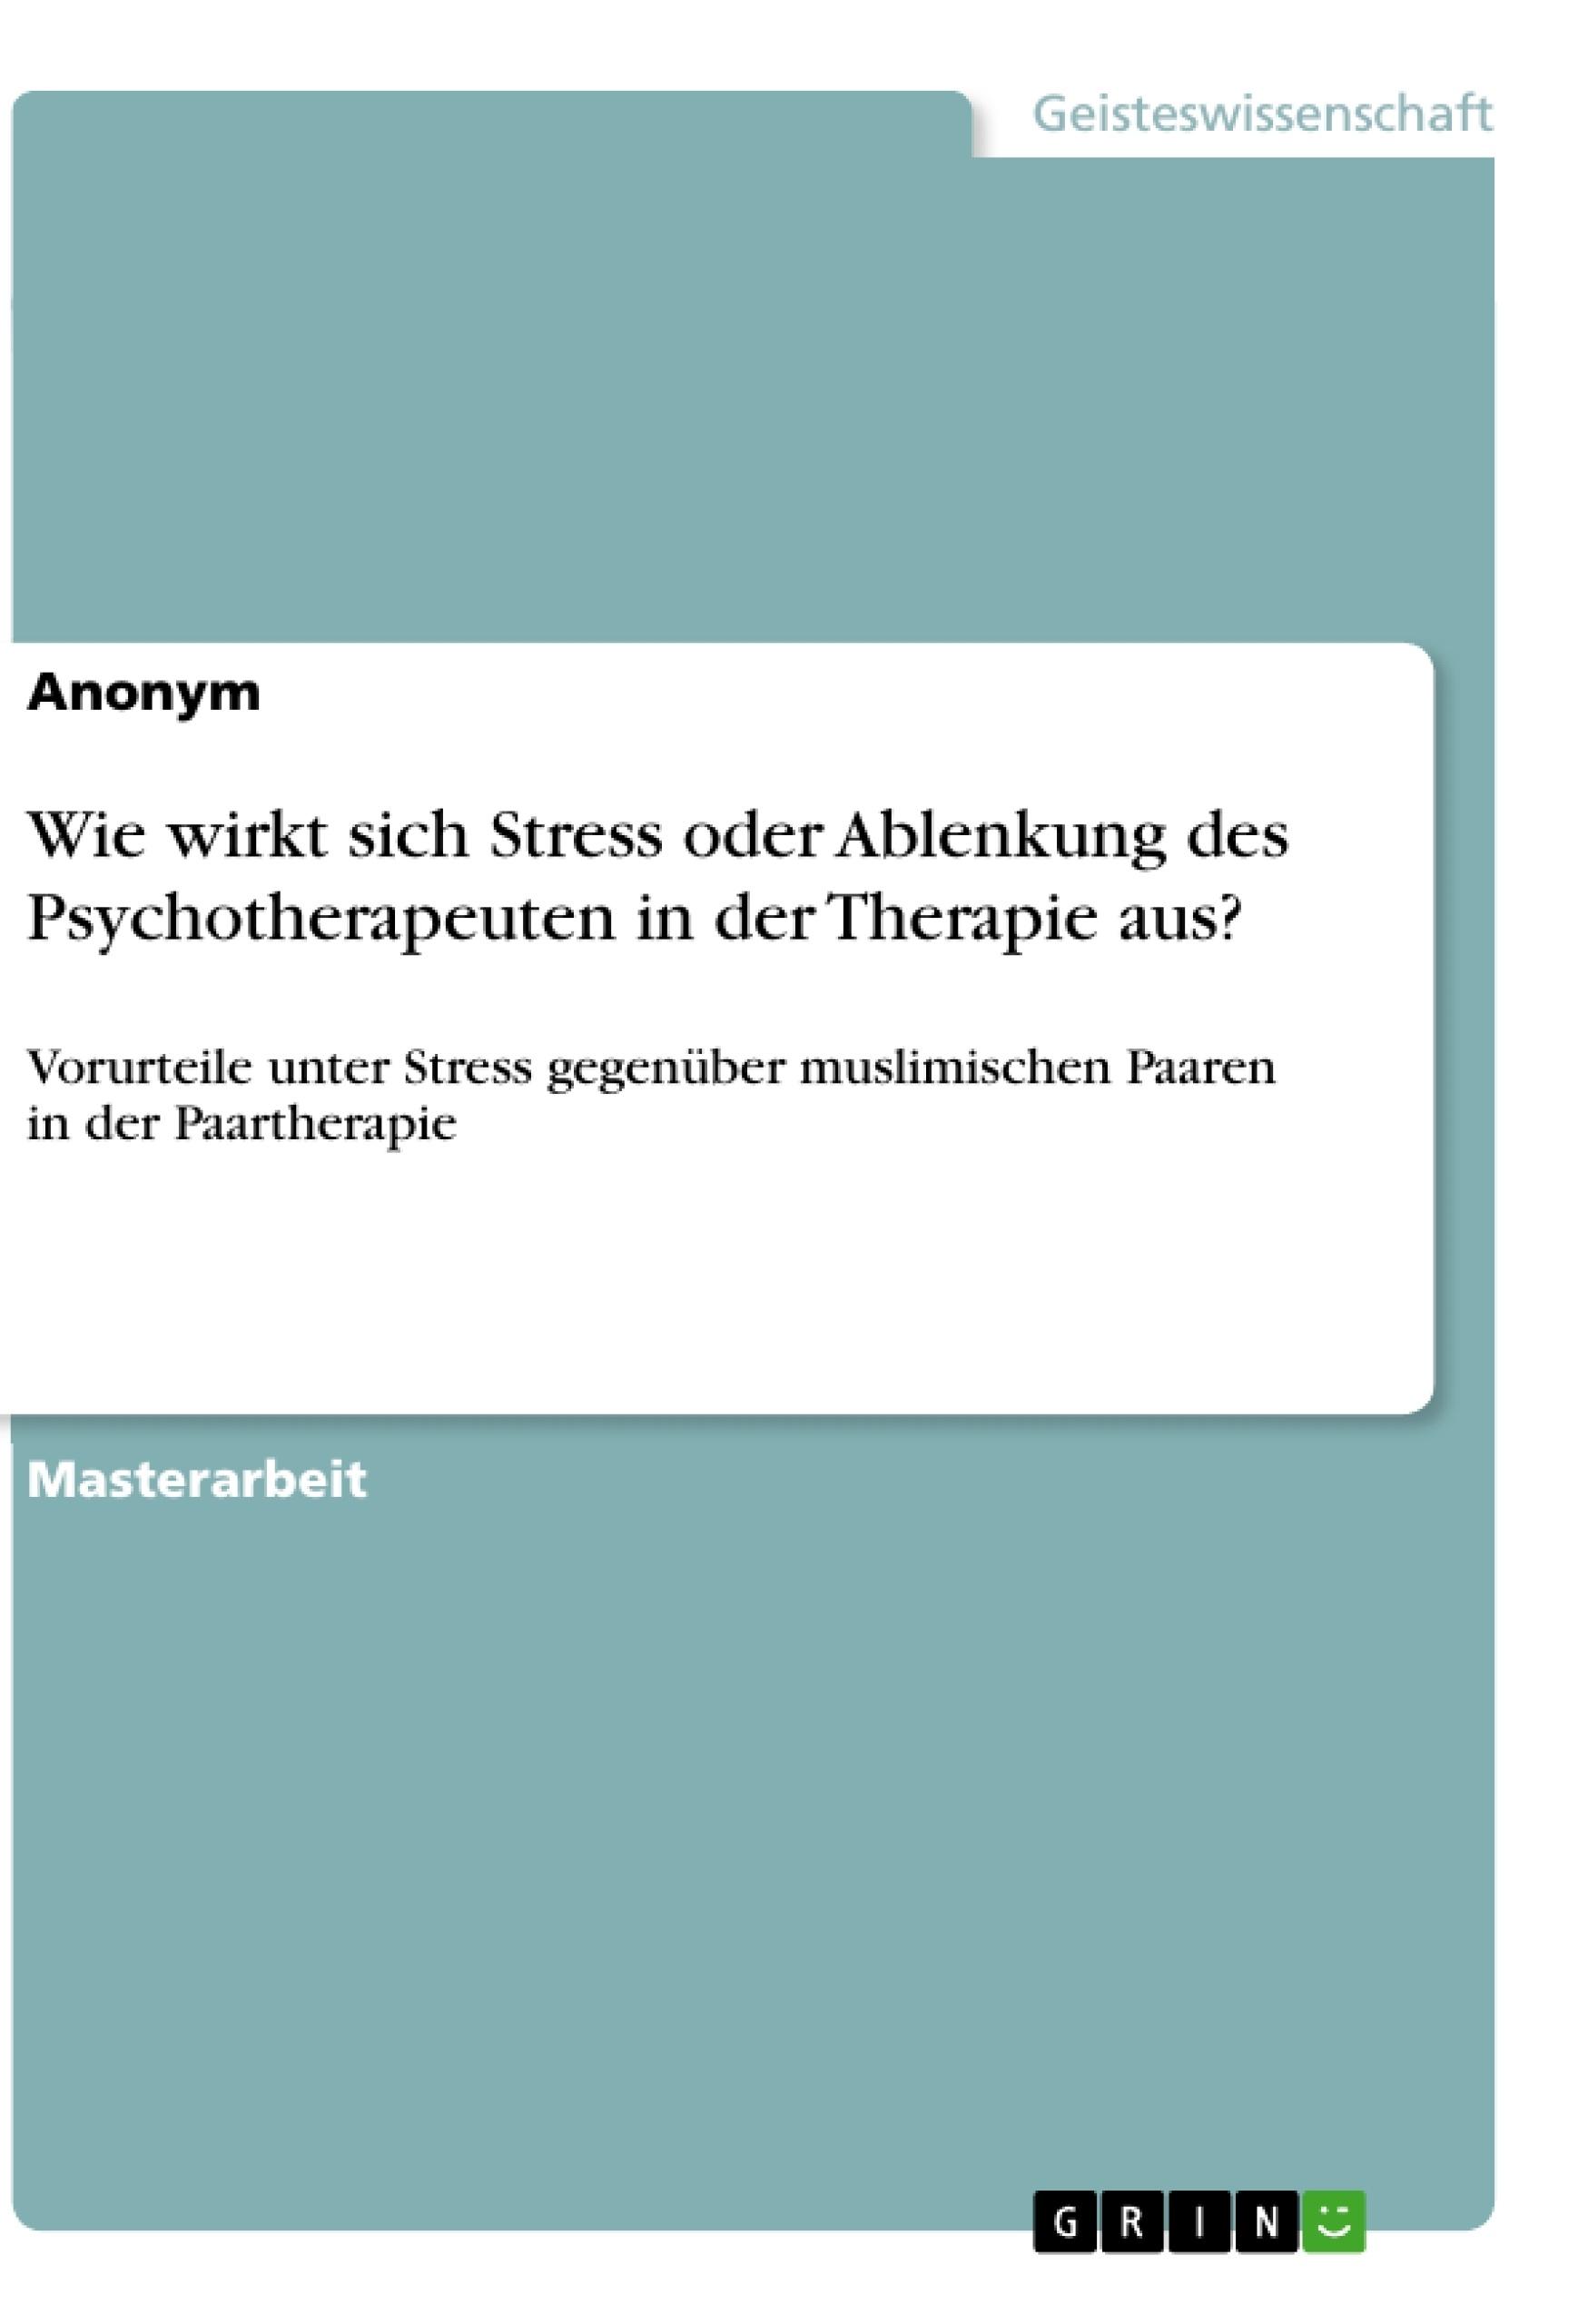 Titel: Wie wirkt sich Stress oder Ablenkung des Psychotherapeuten in der Therapie aus?